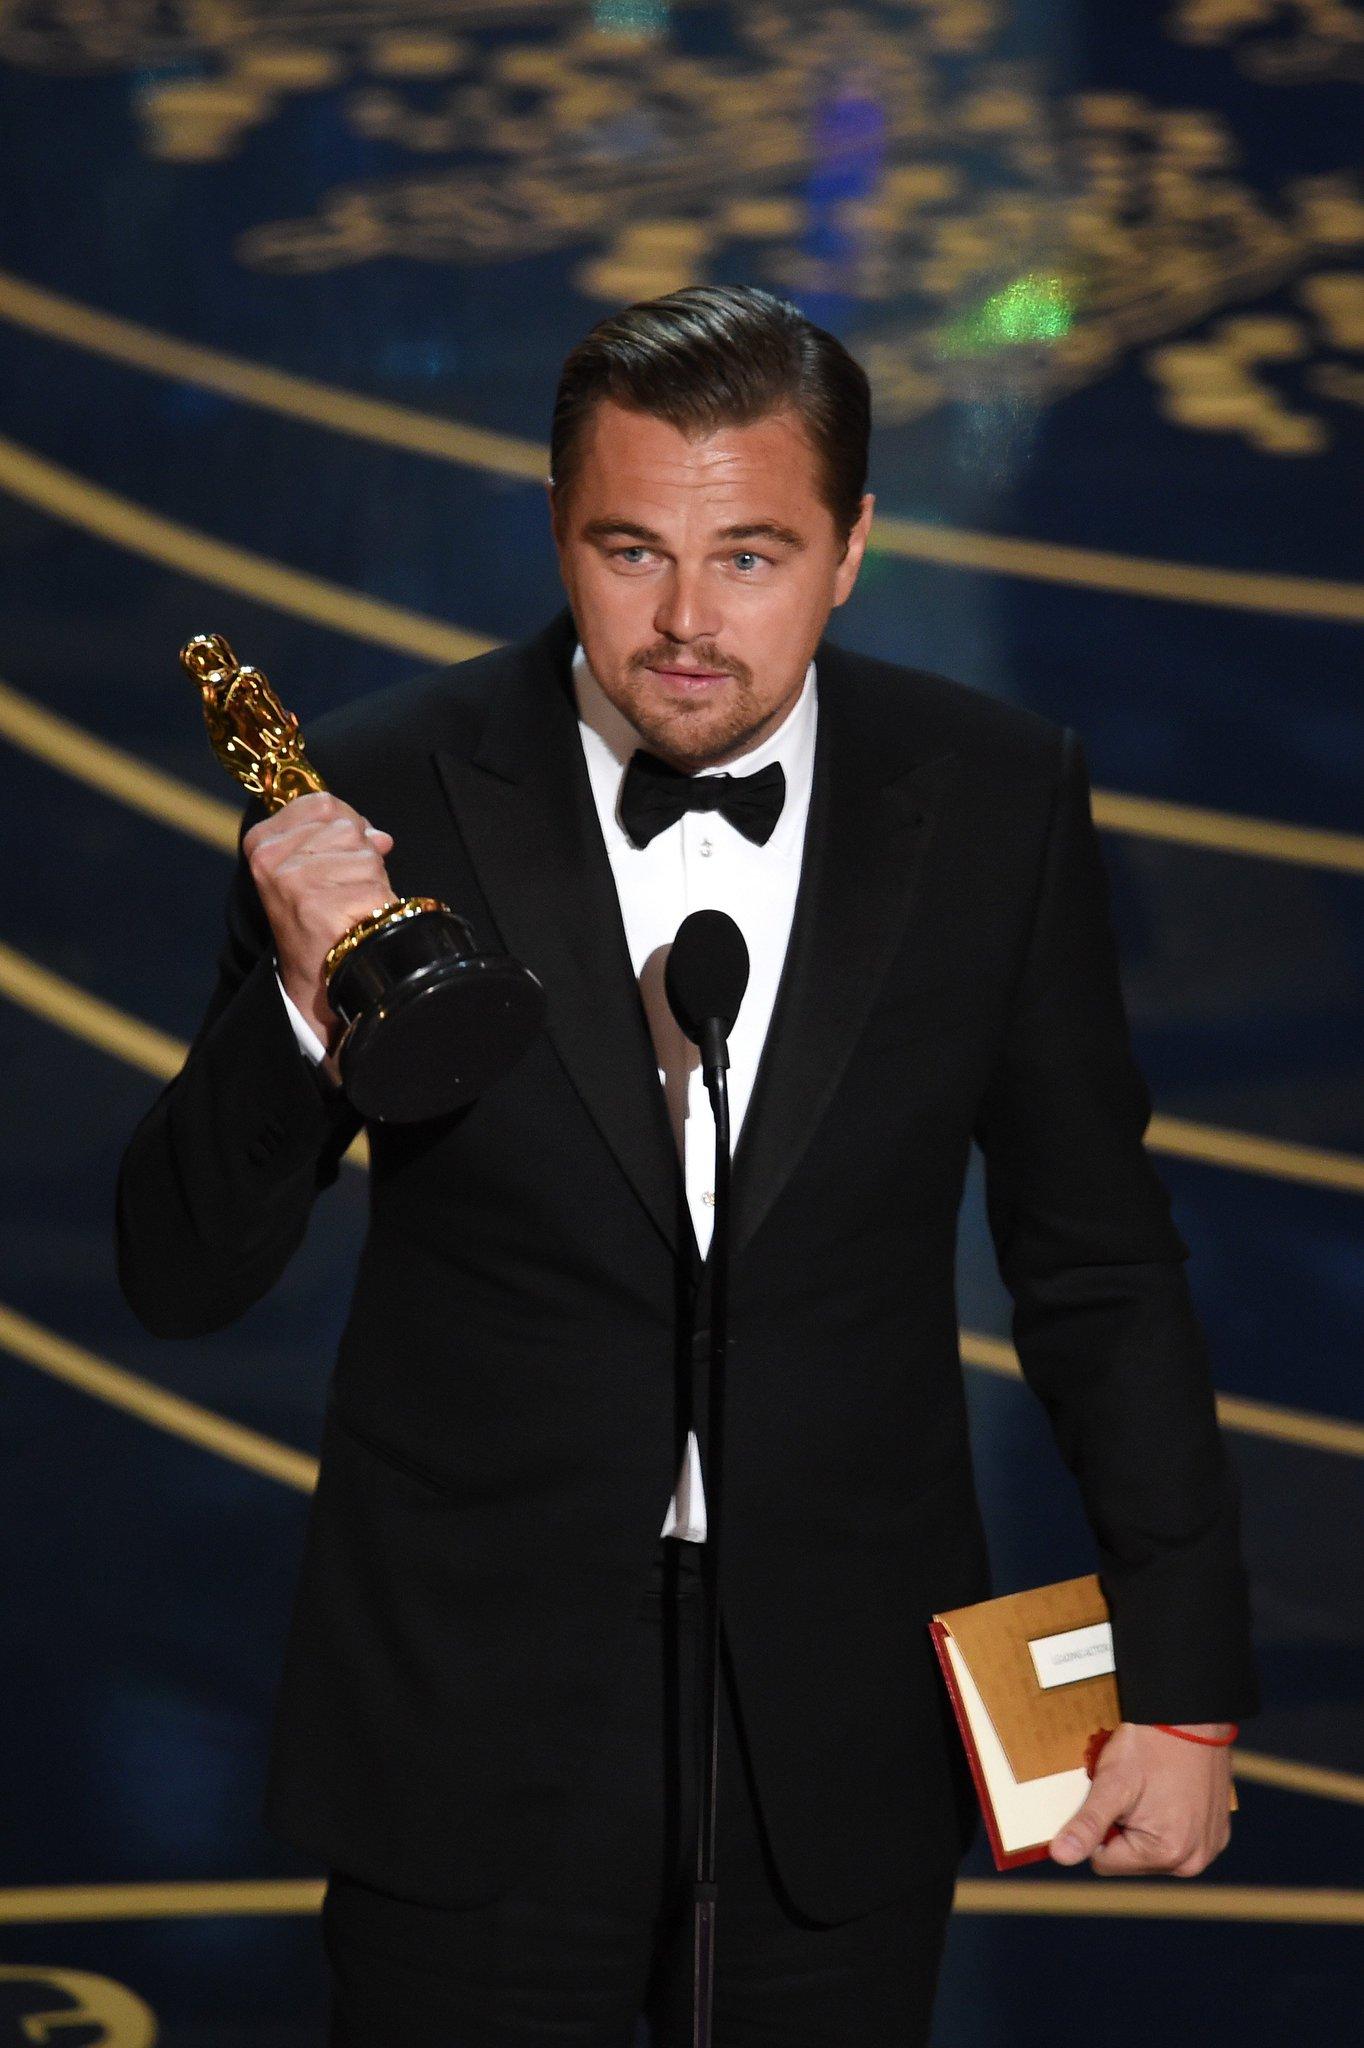 88th Academy Awards (2016 Oscars) Winners 5